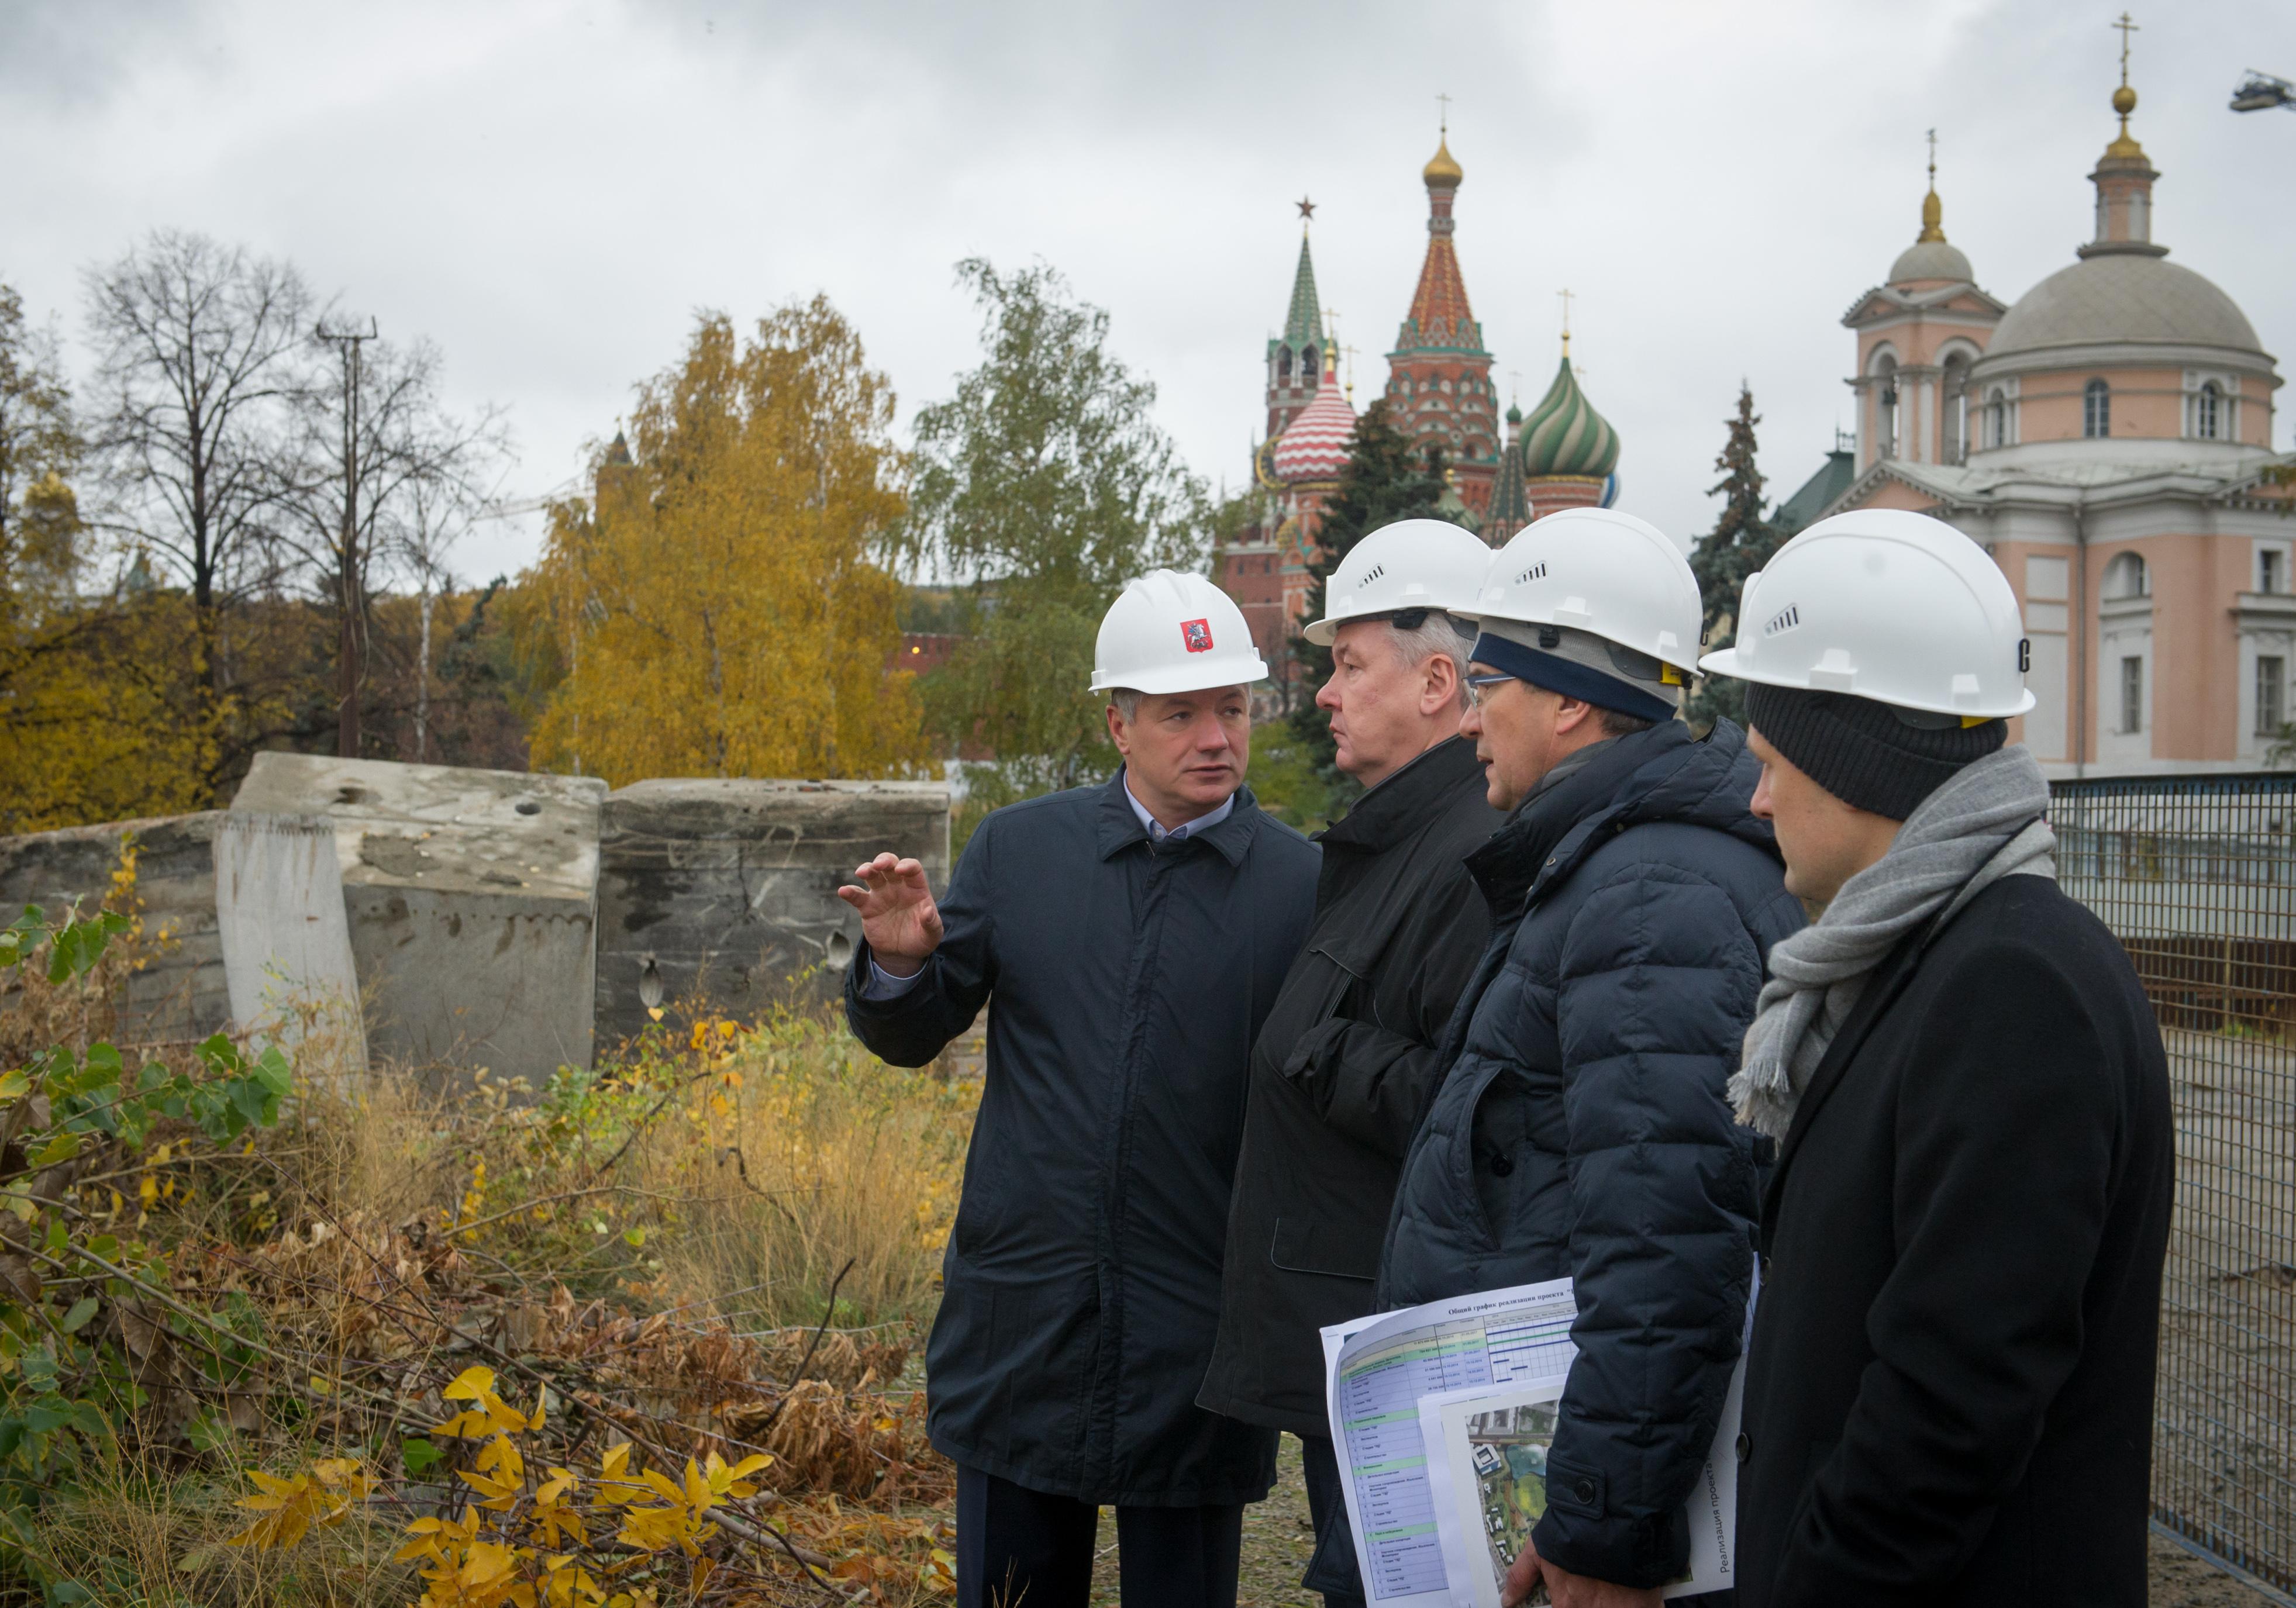 Реставрация храмов Патриаршего подворья